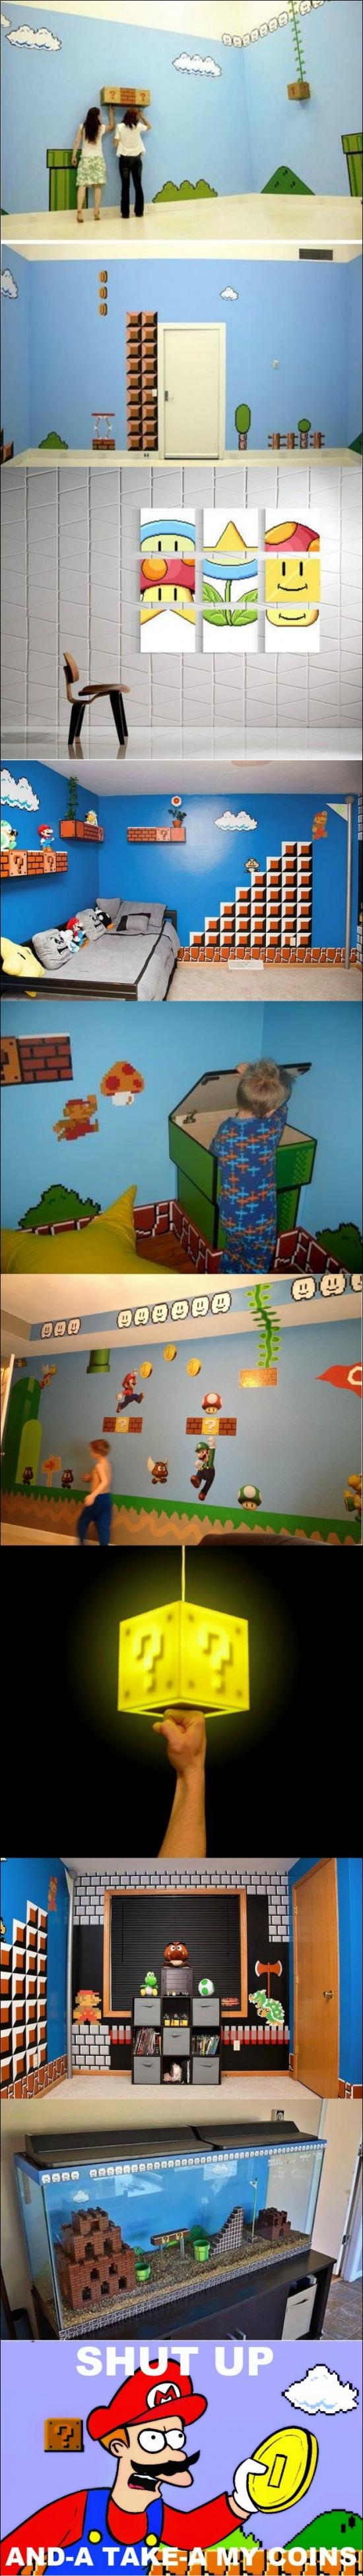 Meme_otros - No se como le haré, pero lo que sea con decorar mi casa de esta forma